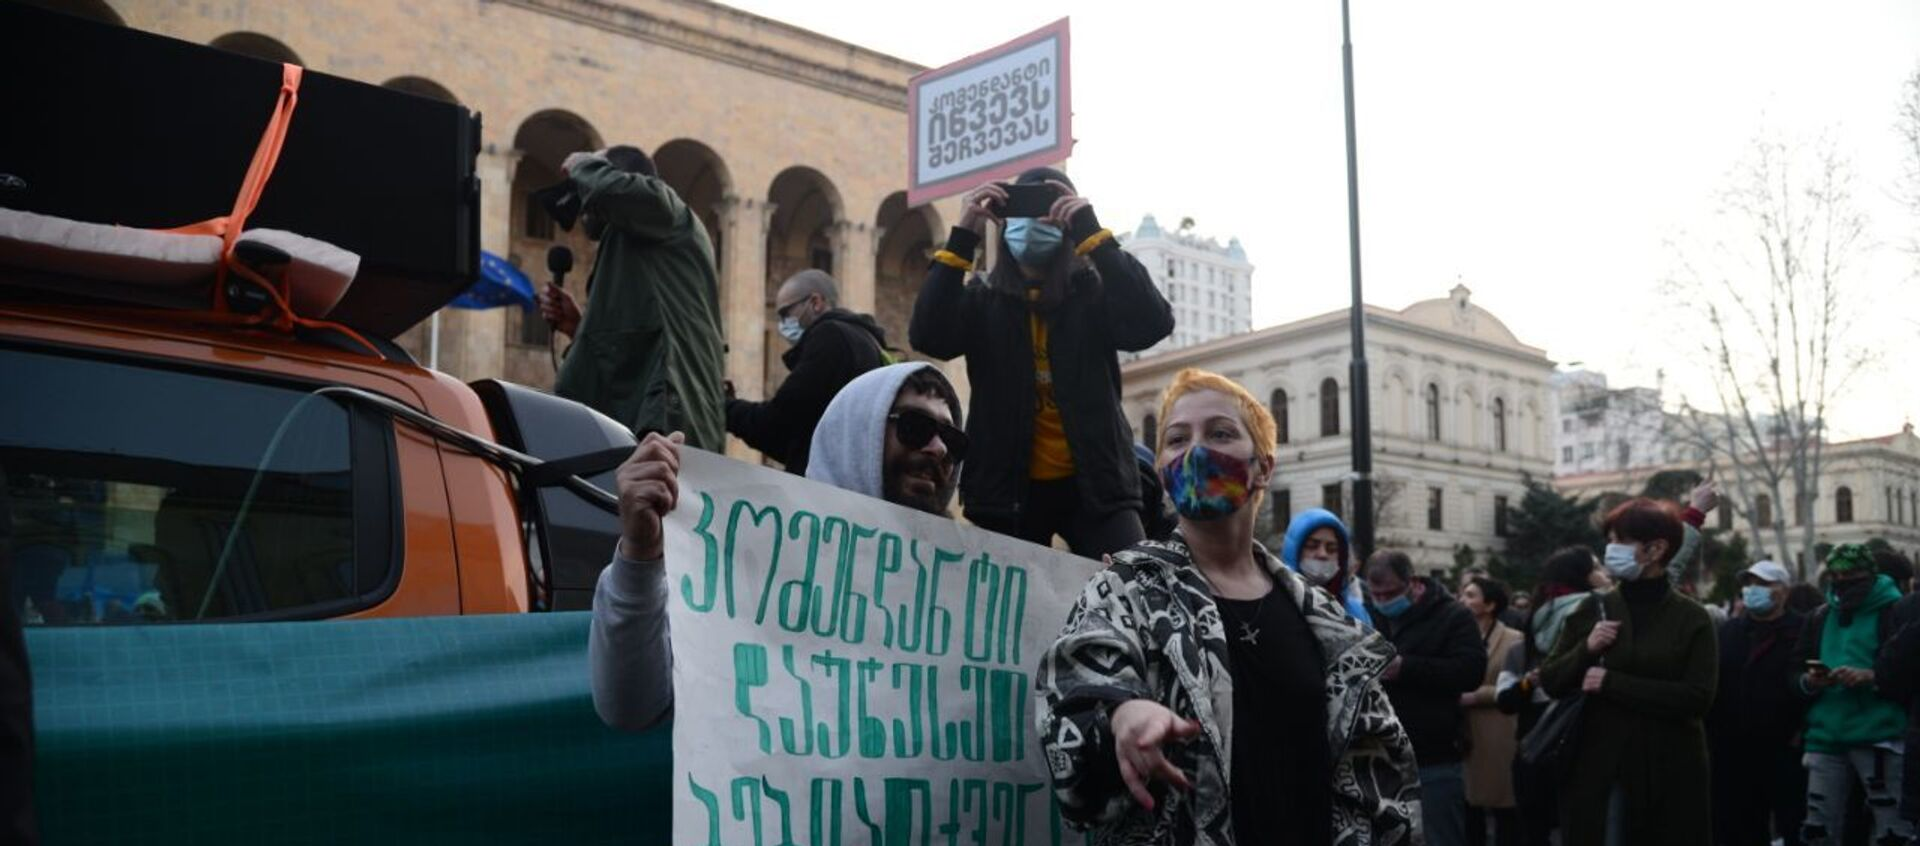 Шествие против комендантского часа и ковид-ограничений в центре столицы Грузии 3 апреля 2021 года - Sputnik Грузия, 1920, 10.04.2021